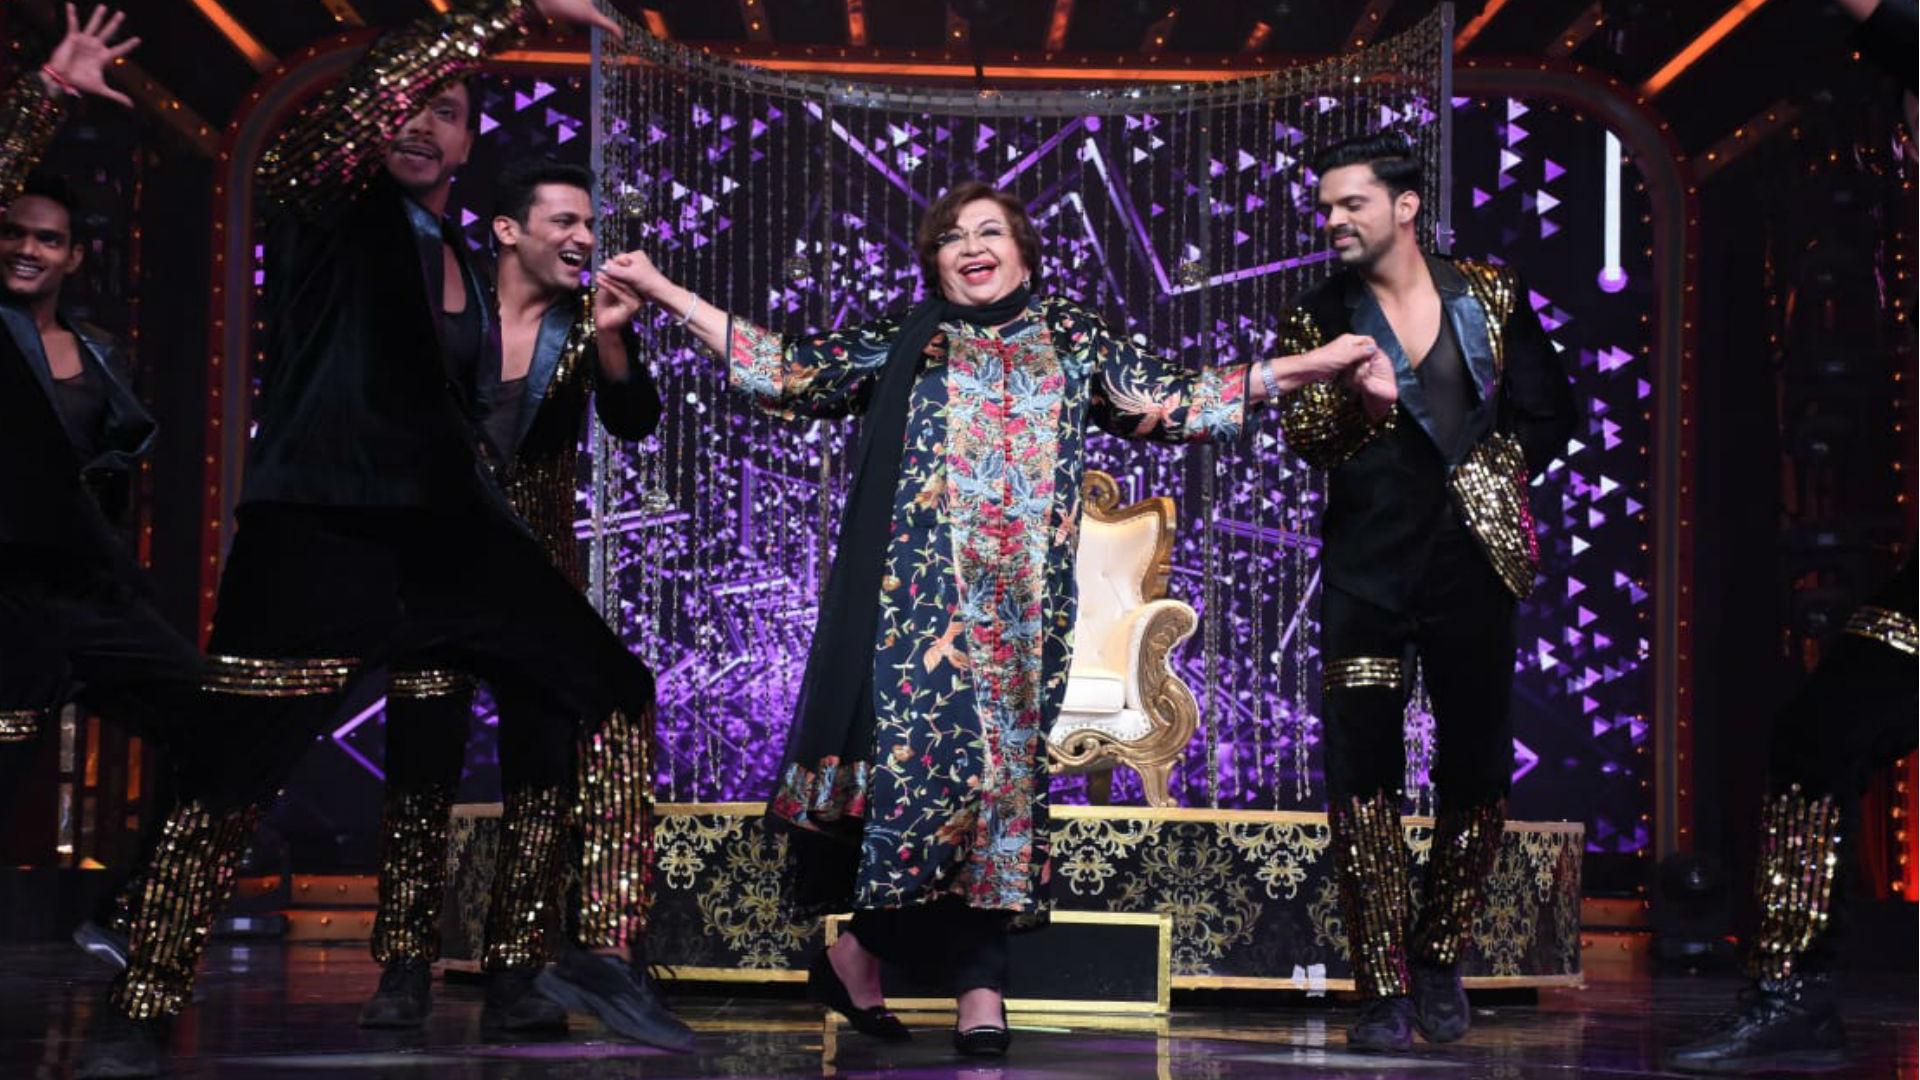 Nach Baliye 9: नच के मंच पर पहुंचीं अपने जमाने की मशहूर डांसिंग क्वीन हेलेन, शो में भावुक हुईं एक्ट्रेस